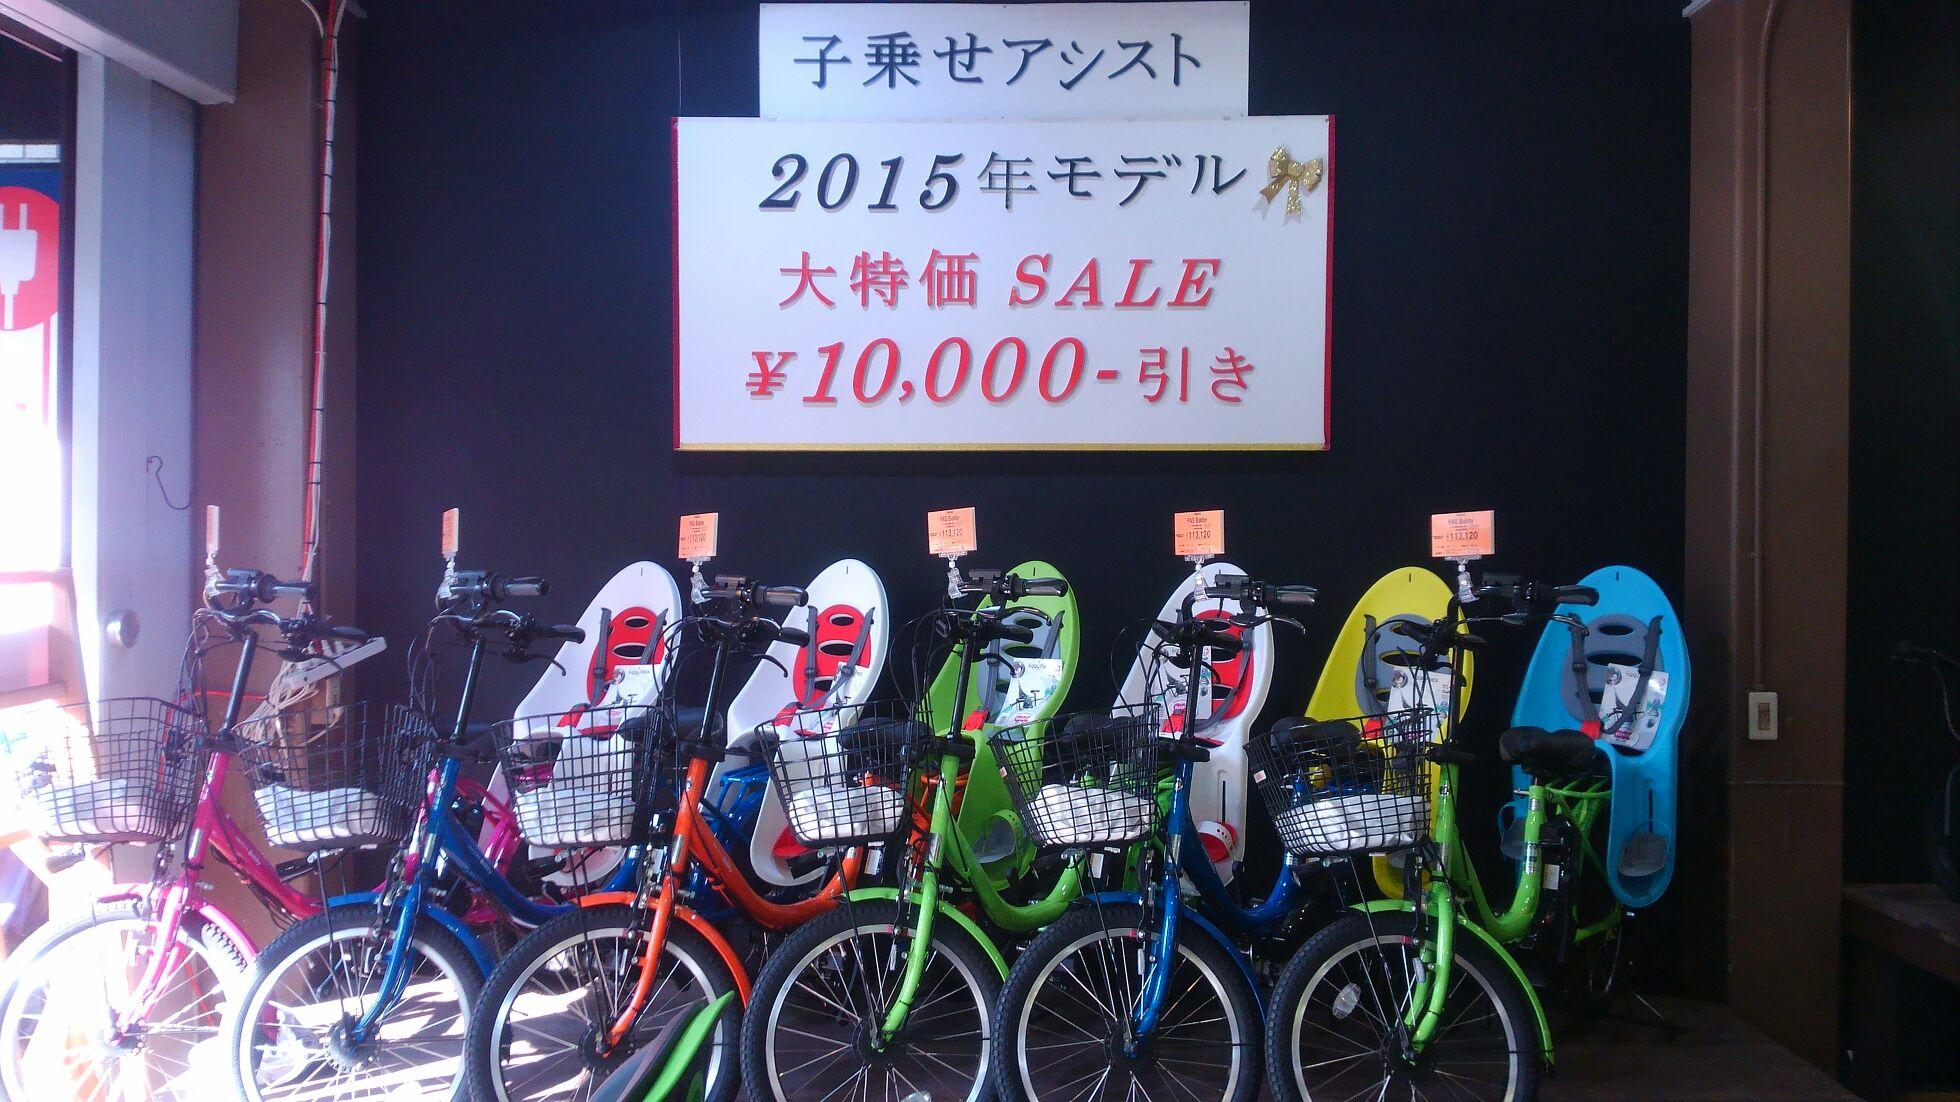 お子様乗せタイプ(2015年モデル)がプライスダウンでお求め安くなりました!